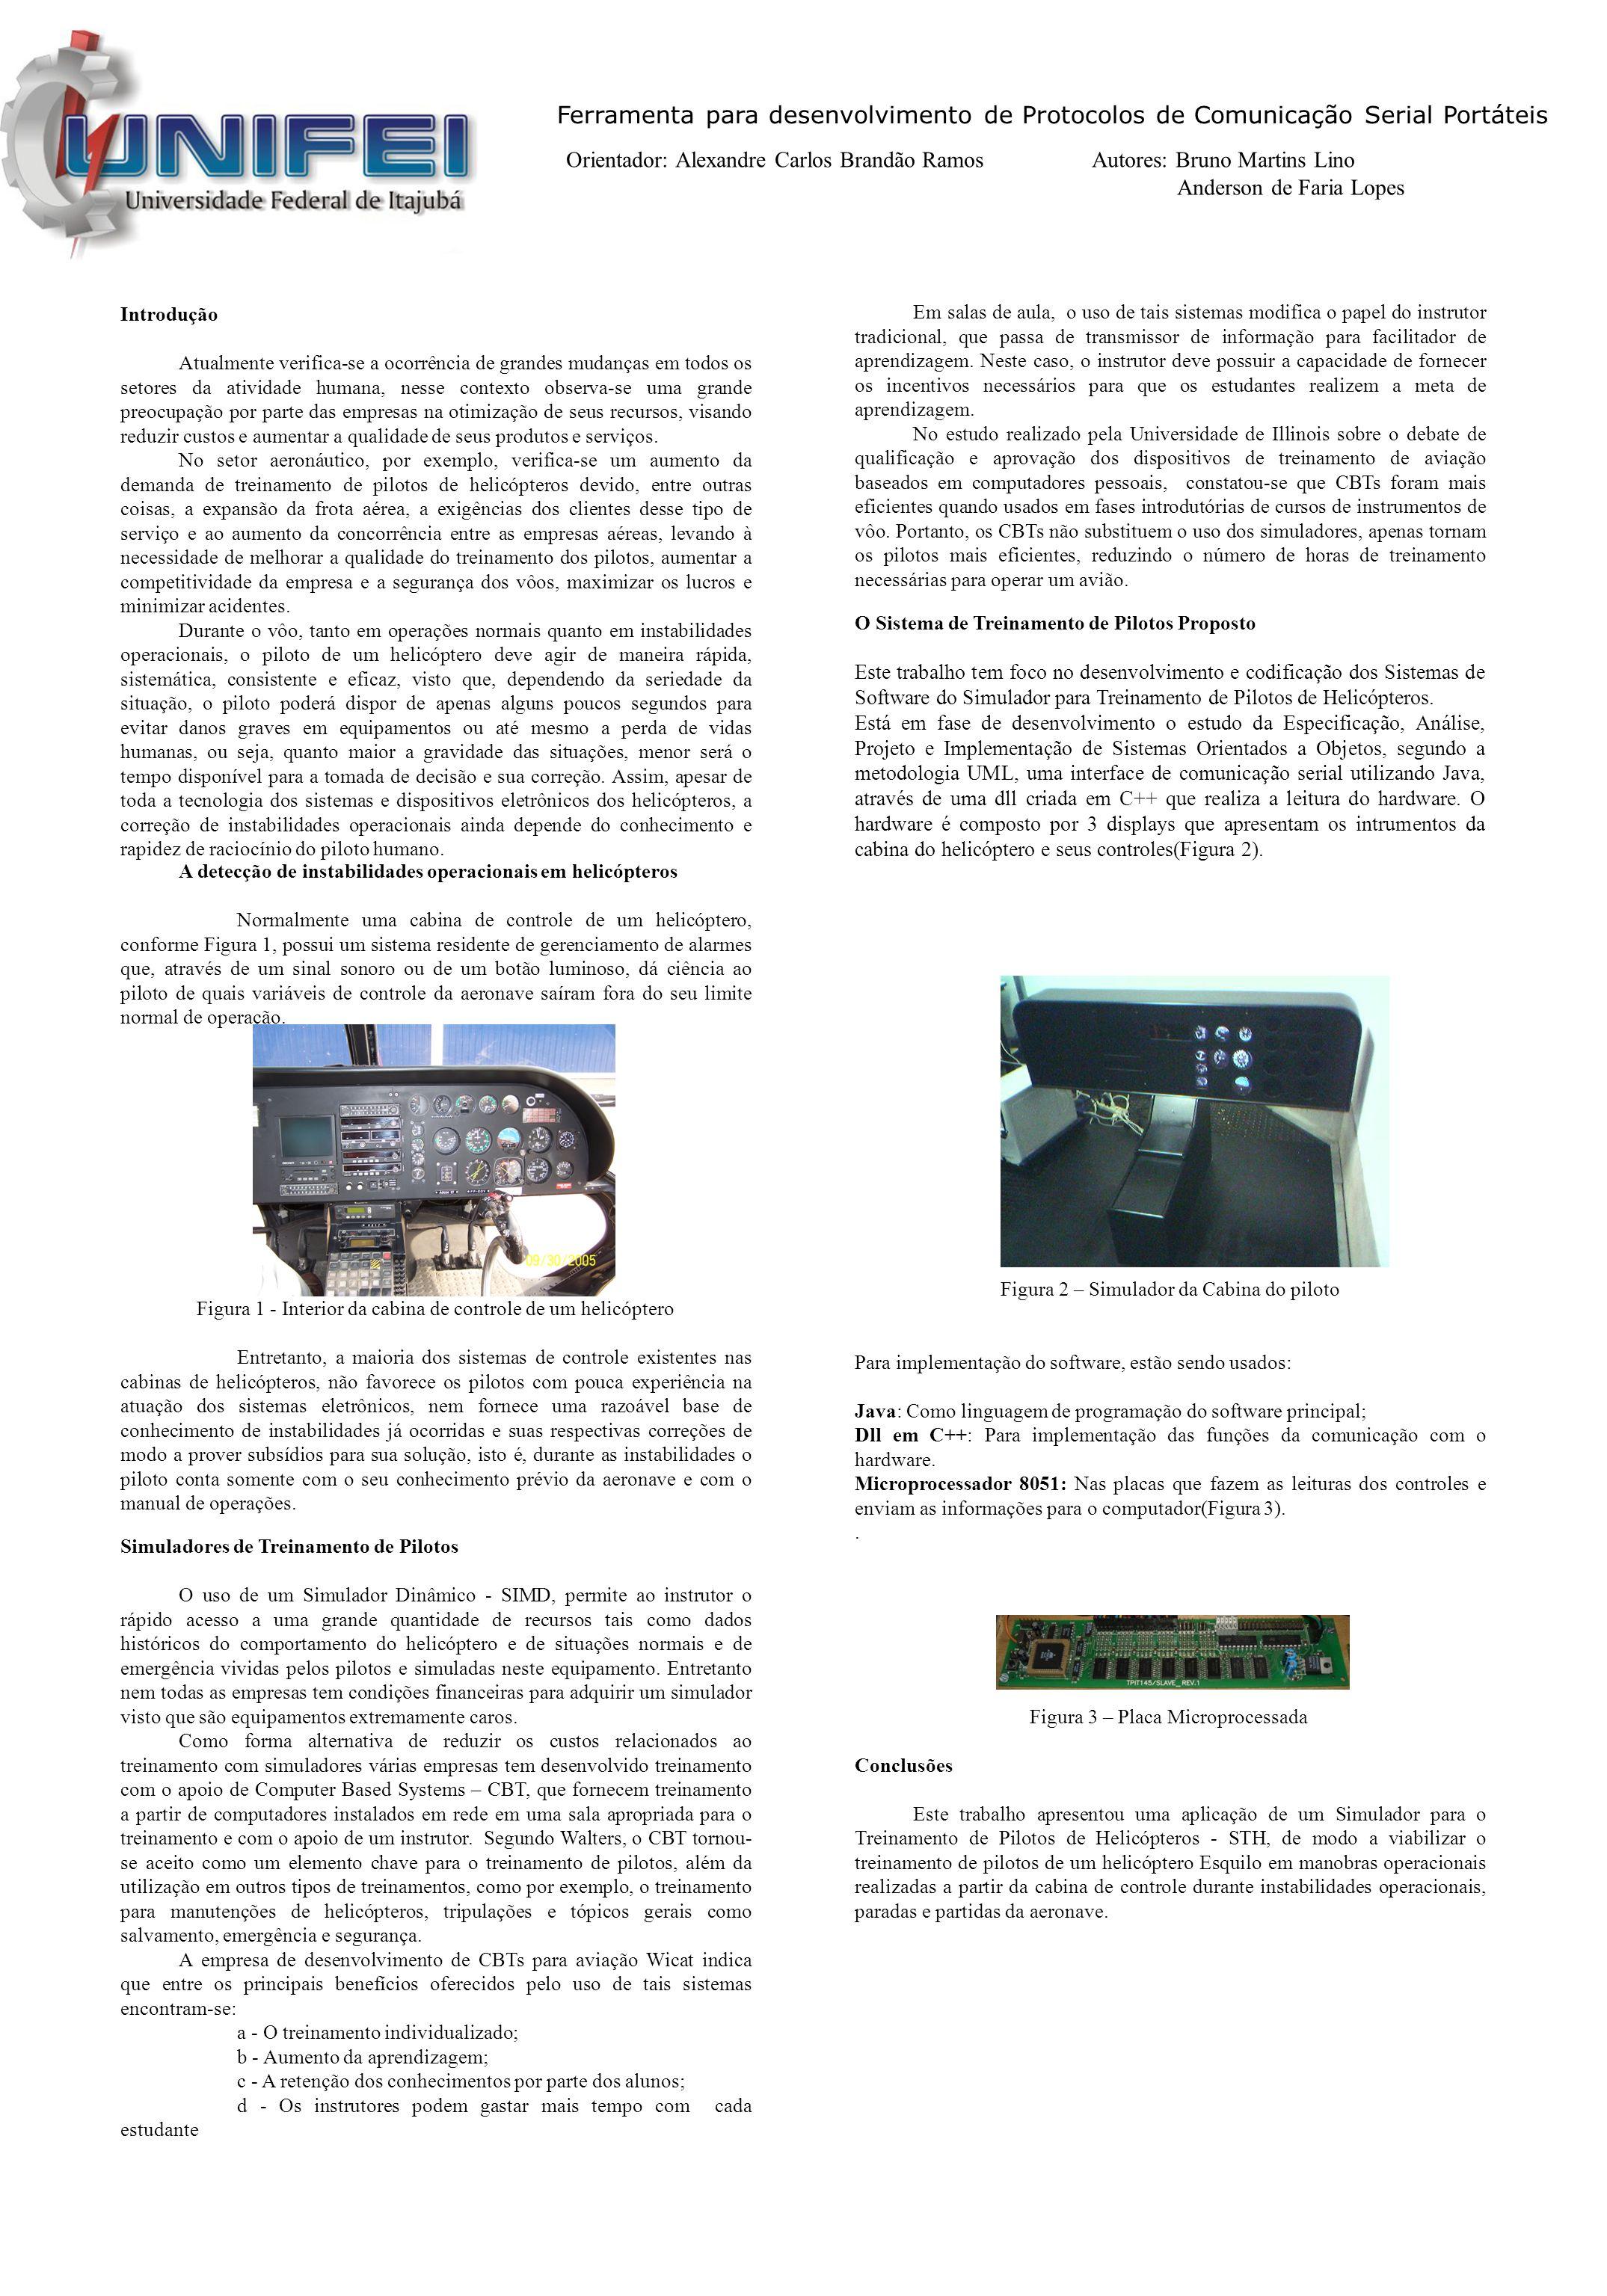 Ferramenta para desenvolvimento de Protocolos de Comunicação Serial Portáteis Orientador: Alexandre Carlos Brandão Ramos Autores: Bruno Martins Lino A